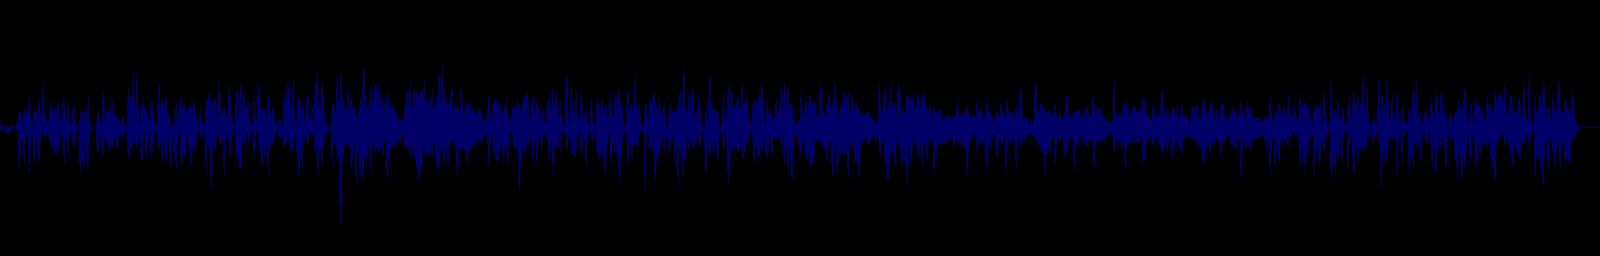 waveform of track #146398